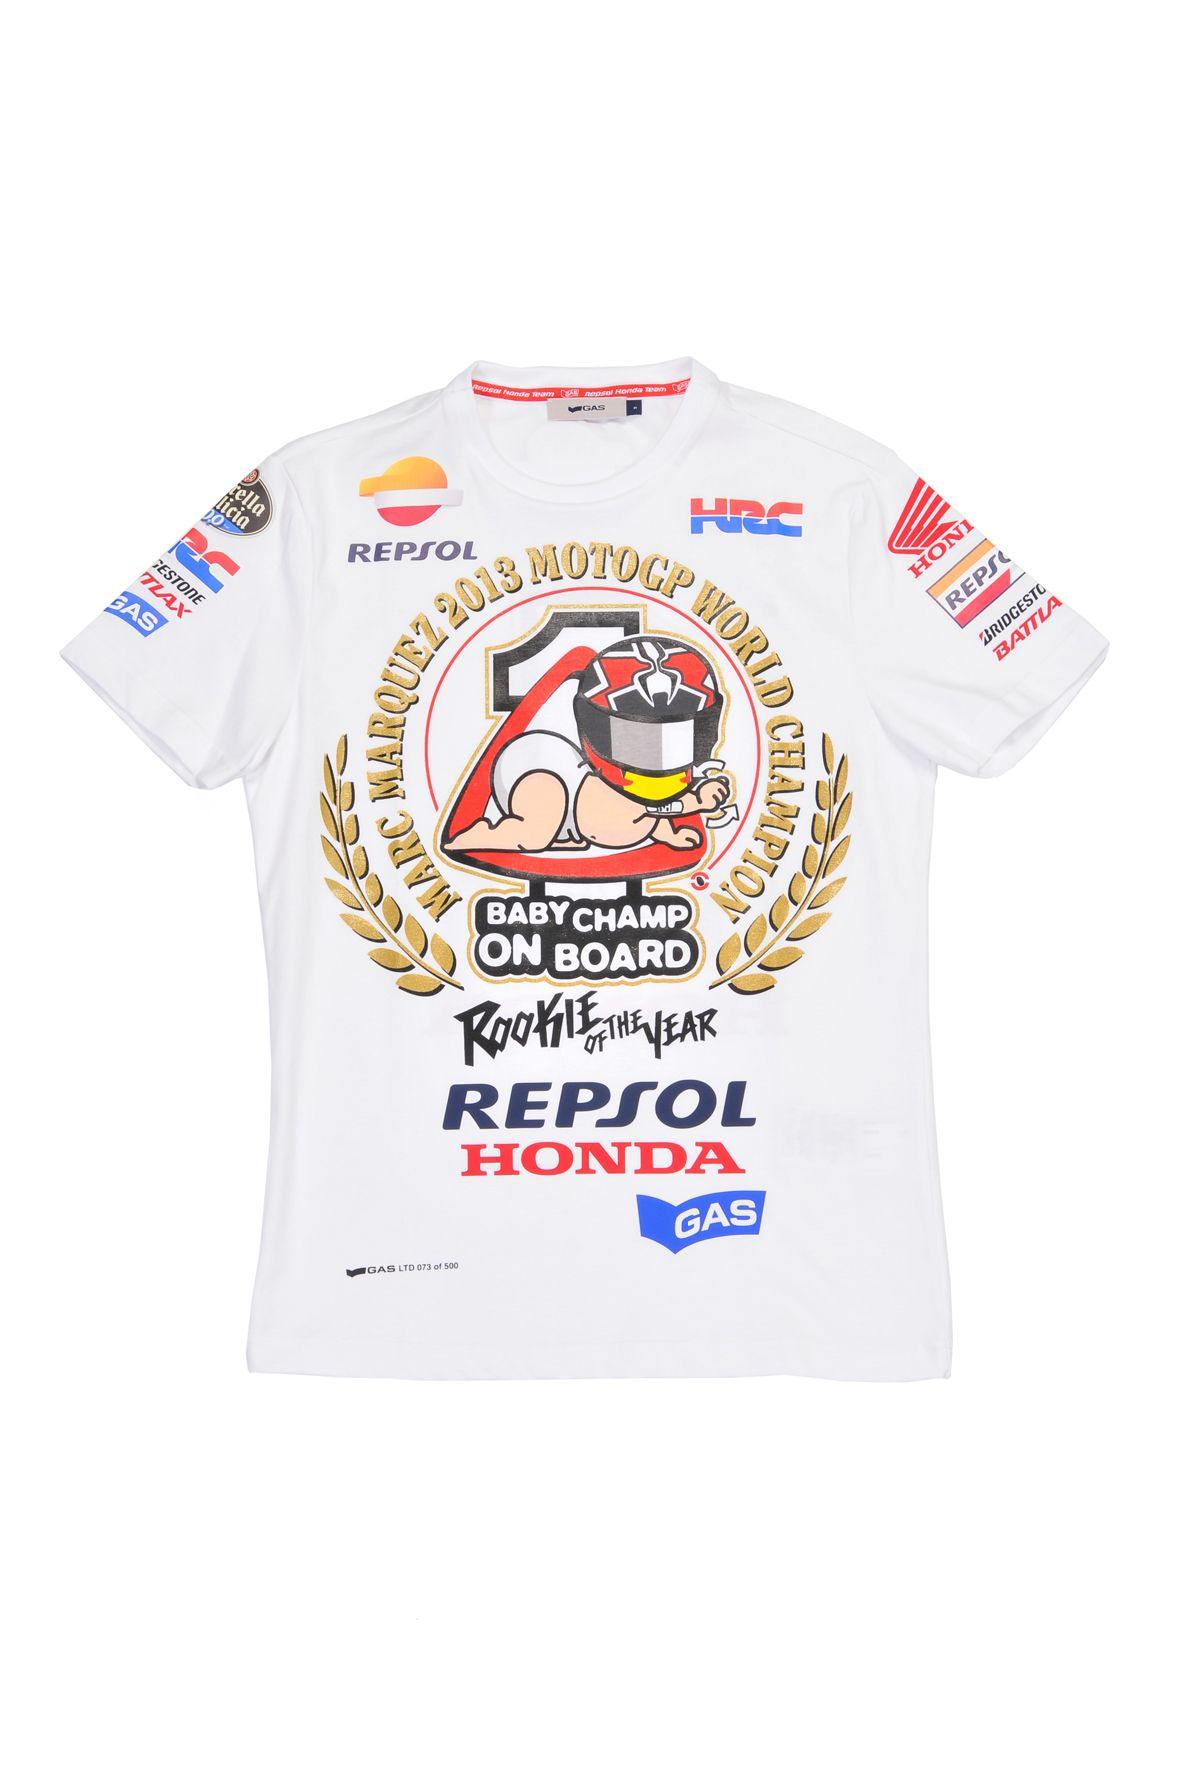 Los Angeles Data wydania: najbardziej popularny MarcMarquez official celebratory t-shirt, designed in ...